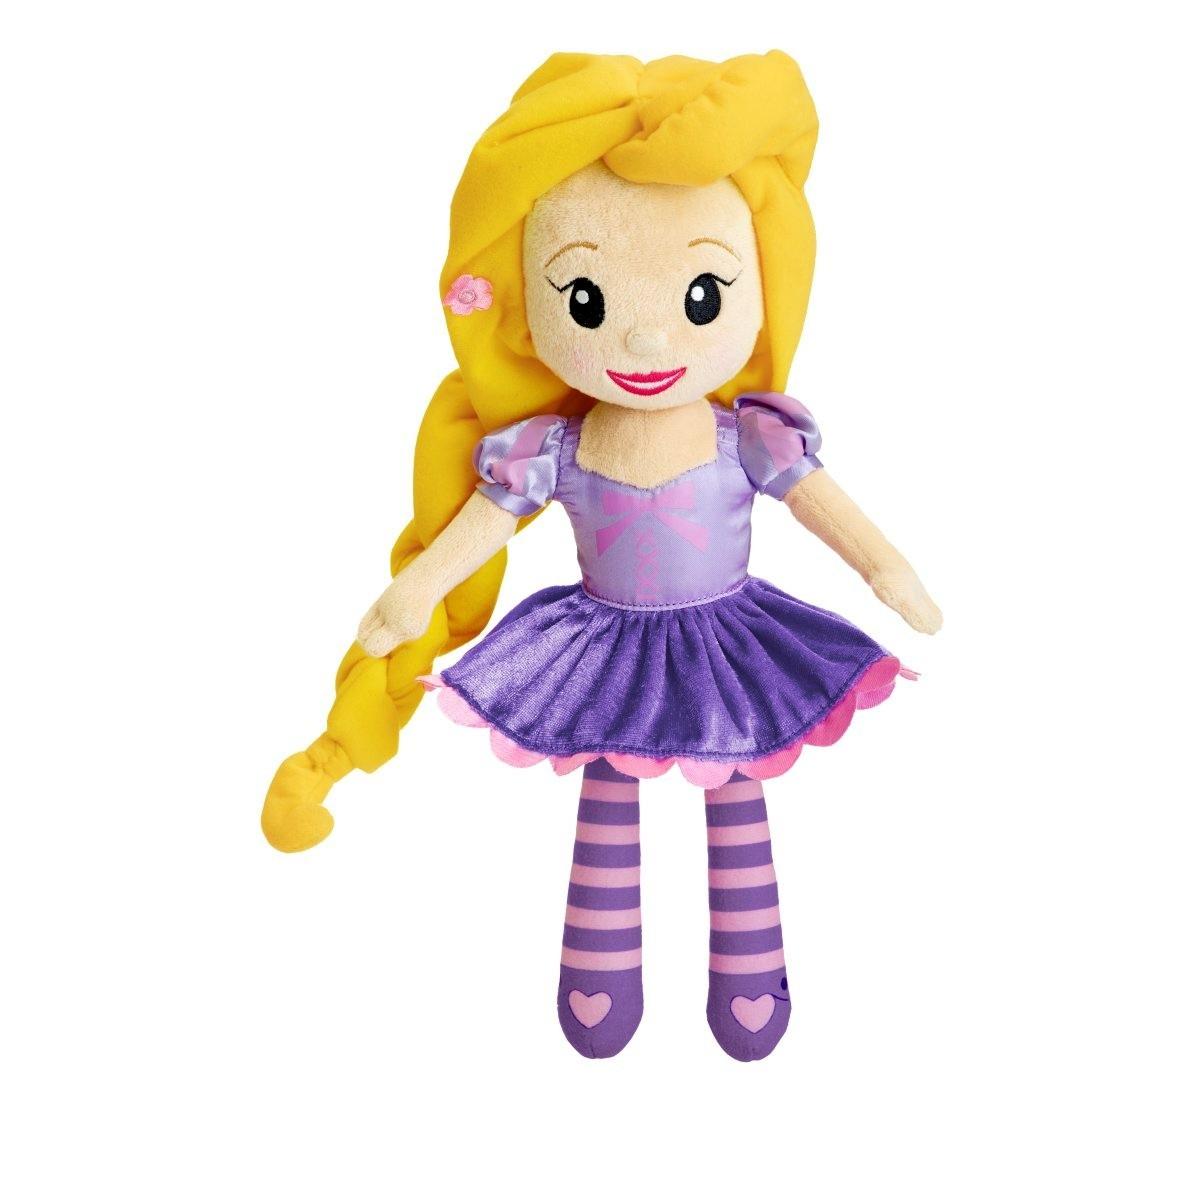 Мягкая кукла Disney Princess - Волшебные мелодии - РапунцельРапунцель<br>Мягкая кукла Disney Princess - Волшебные мелодии - Рапунцель<br>